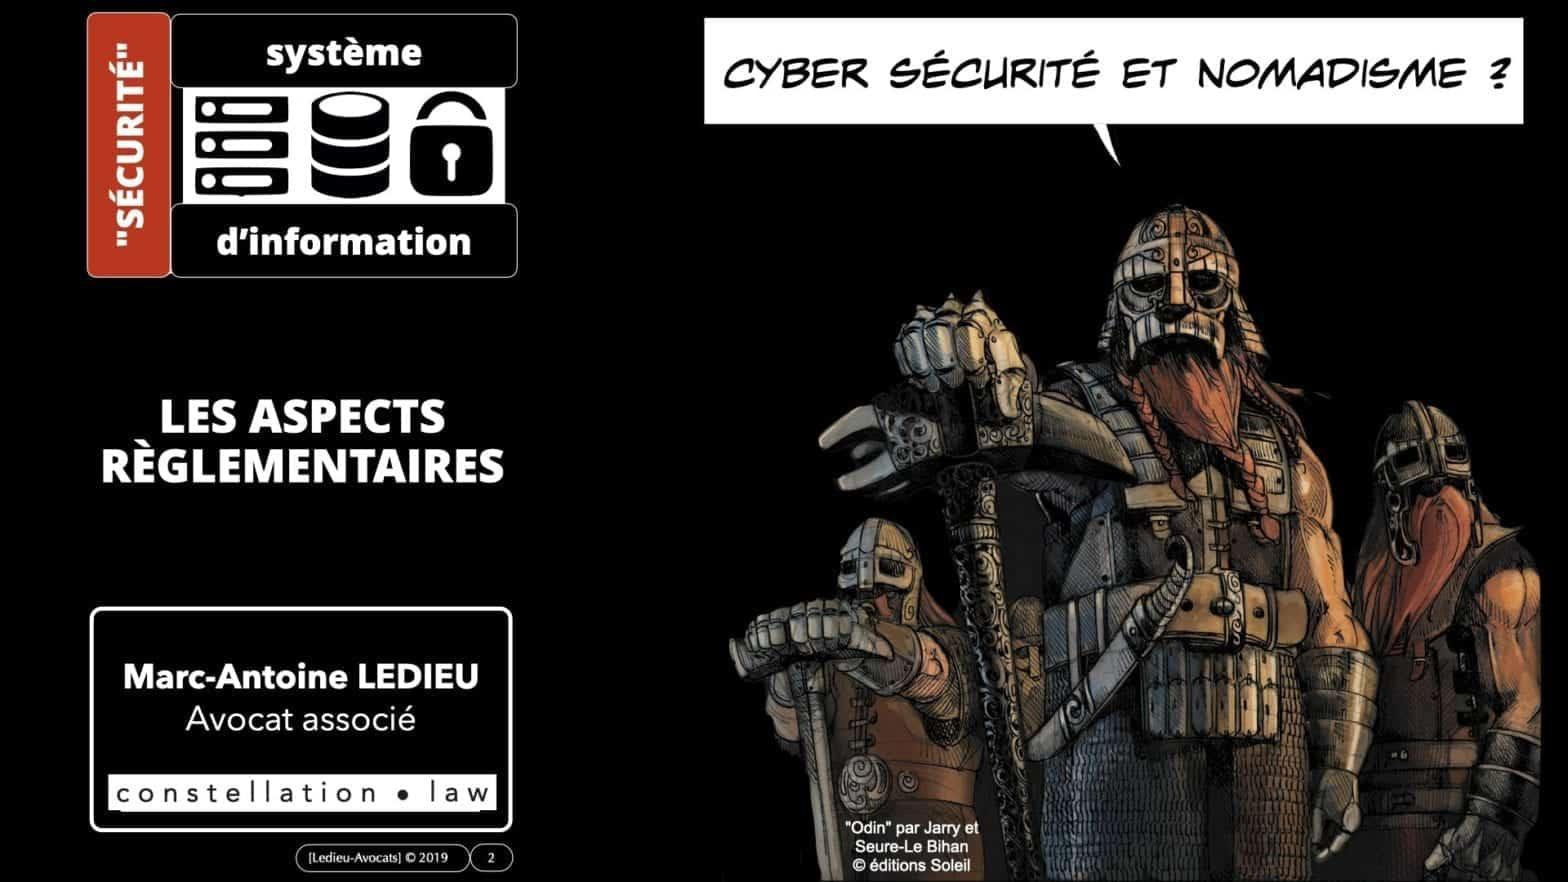 nomadisme et cyber-sécurité : quel retour d'expérience avec la crise du Covid-19 ? [webinar 1er juillet 2020]